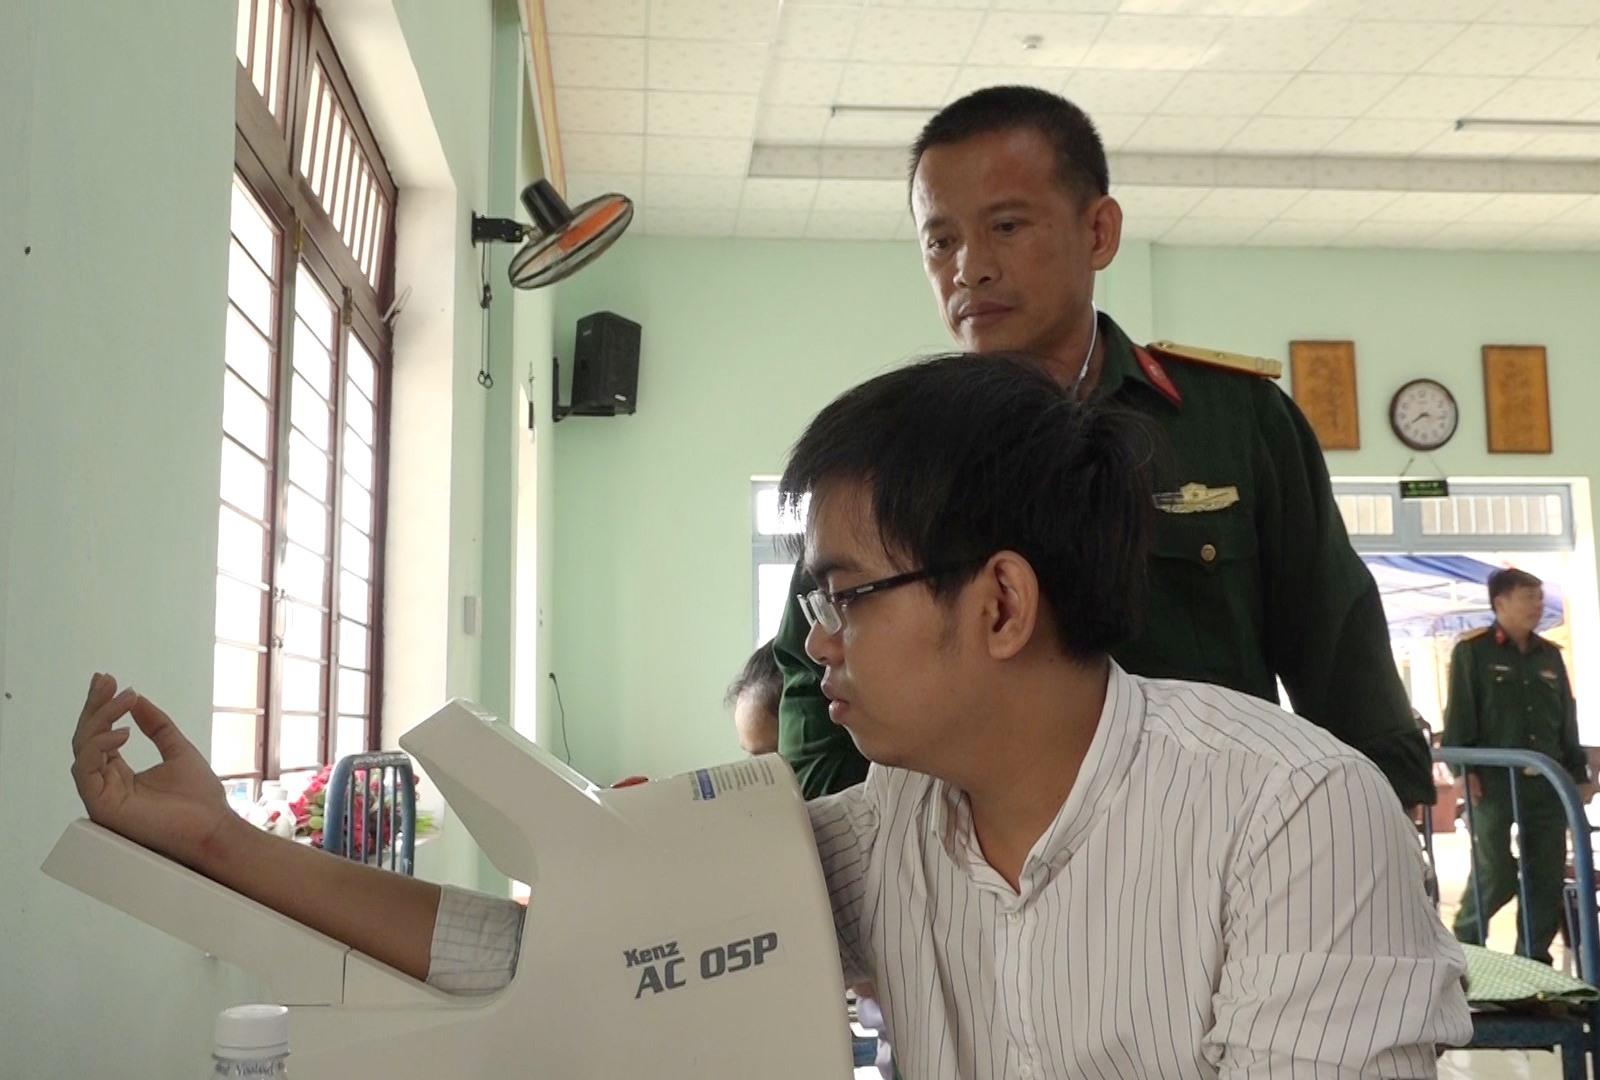 Thiếu tá Lê Văn Đào khám sức khỏe nghĩa vụ quân sự cho thanh niên năm 2020. Ảnh: V.T